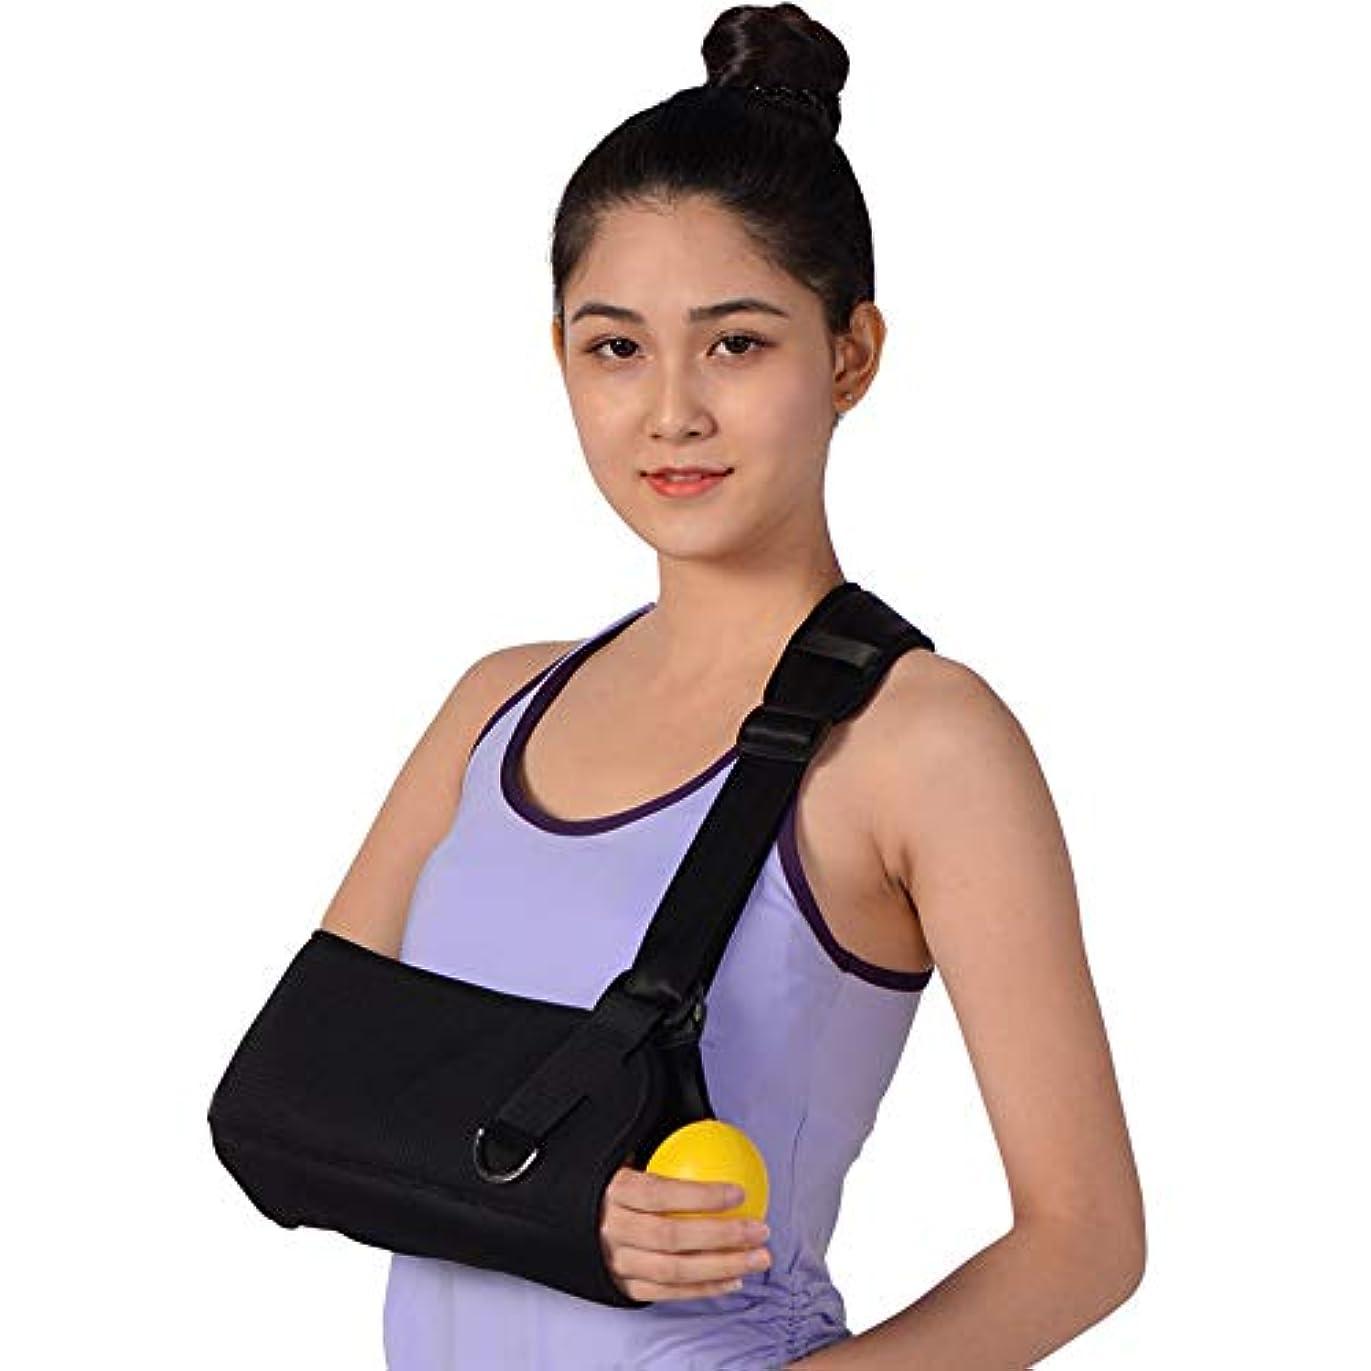 マネージャー告白する鹿肩外転スリング、怪我サポート用イモビライザー、回旋腱板用痛み緩和アーム枕、サブレキシオン、手術、脱臼、骨折した腕,M